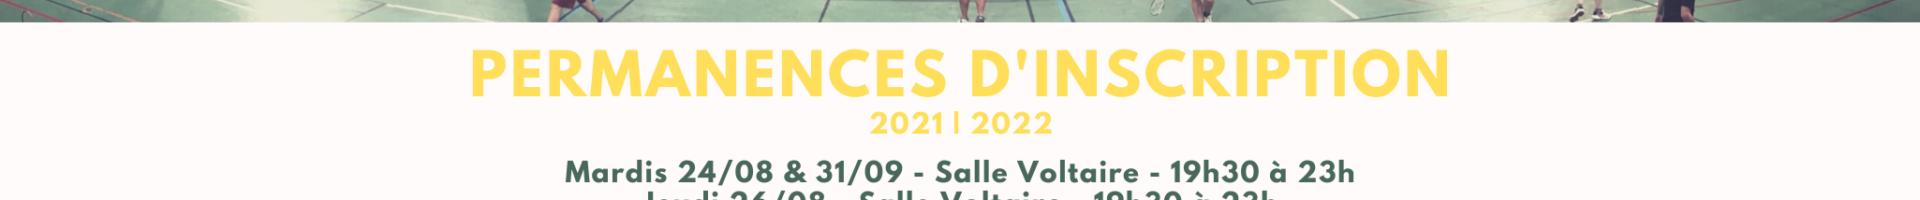 Permanences d'Inscription 2021-2022